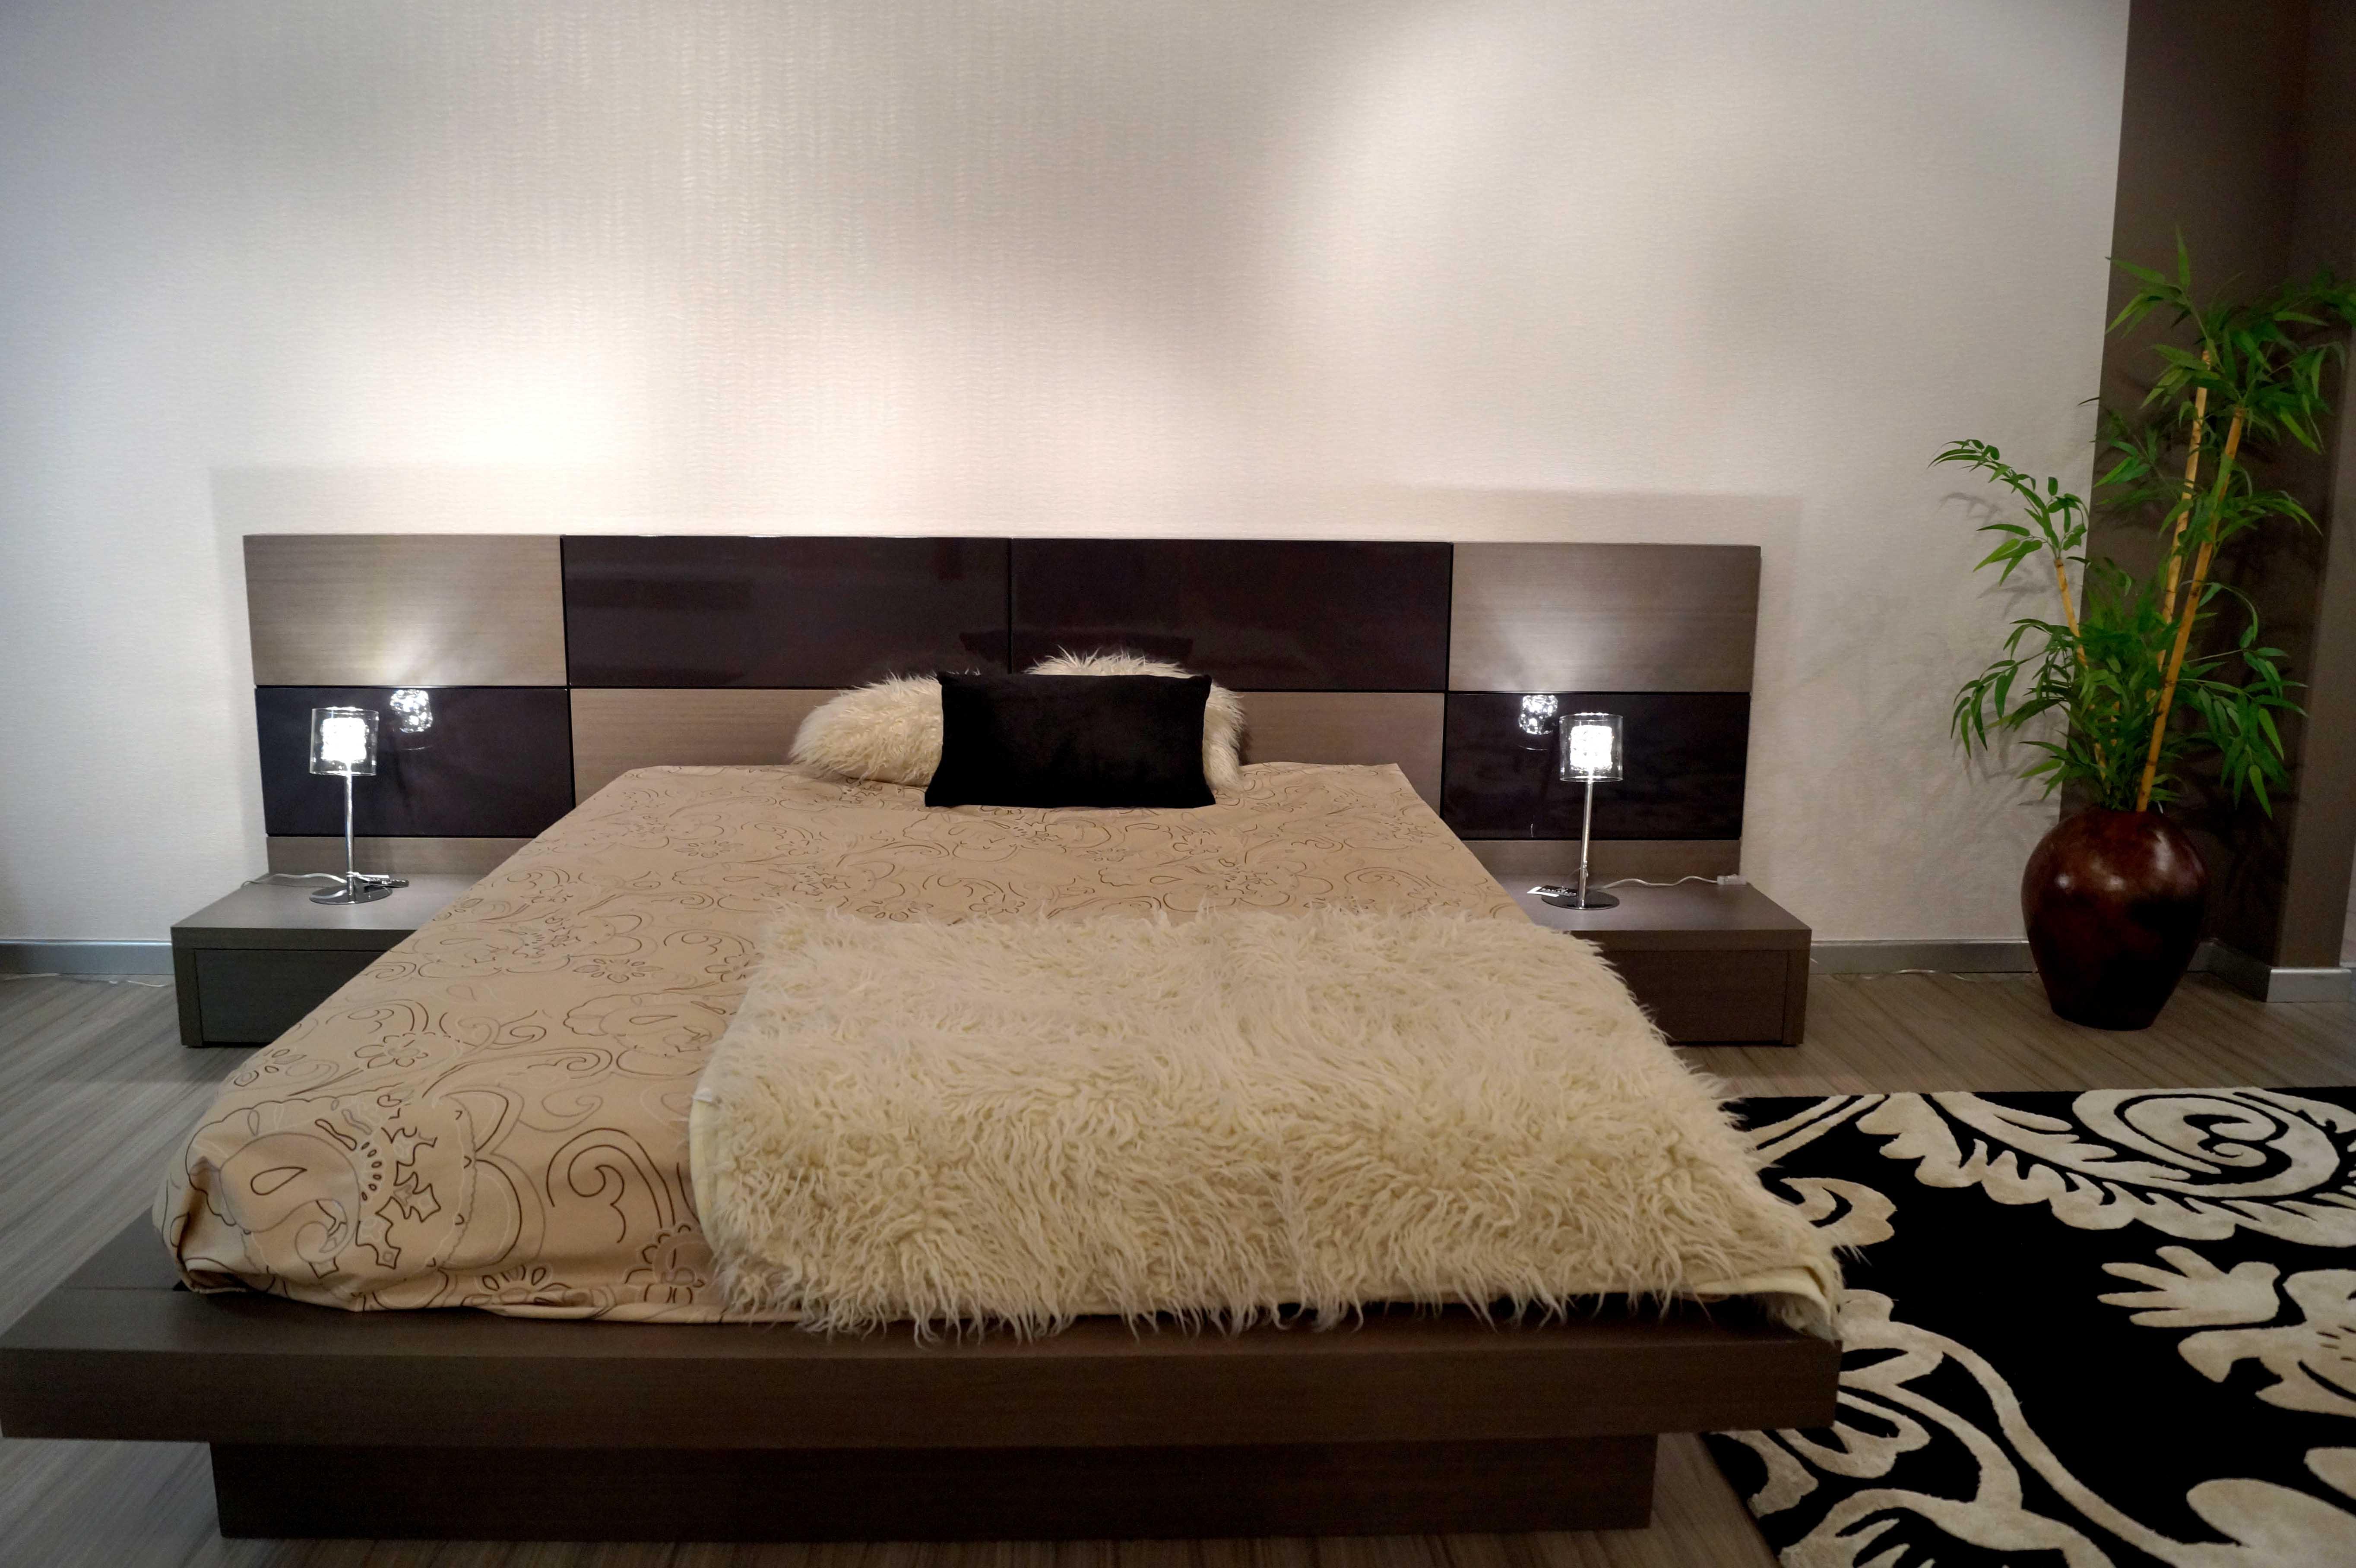 Dormitorio Cover Bautista Muebles Y Decoraci N # Muebles Cover Decoracion